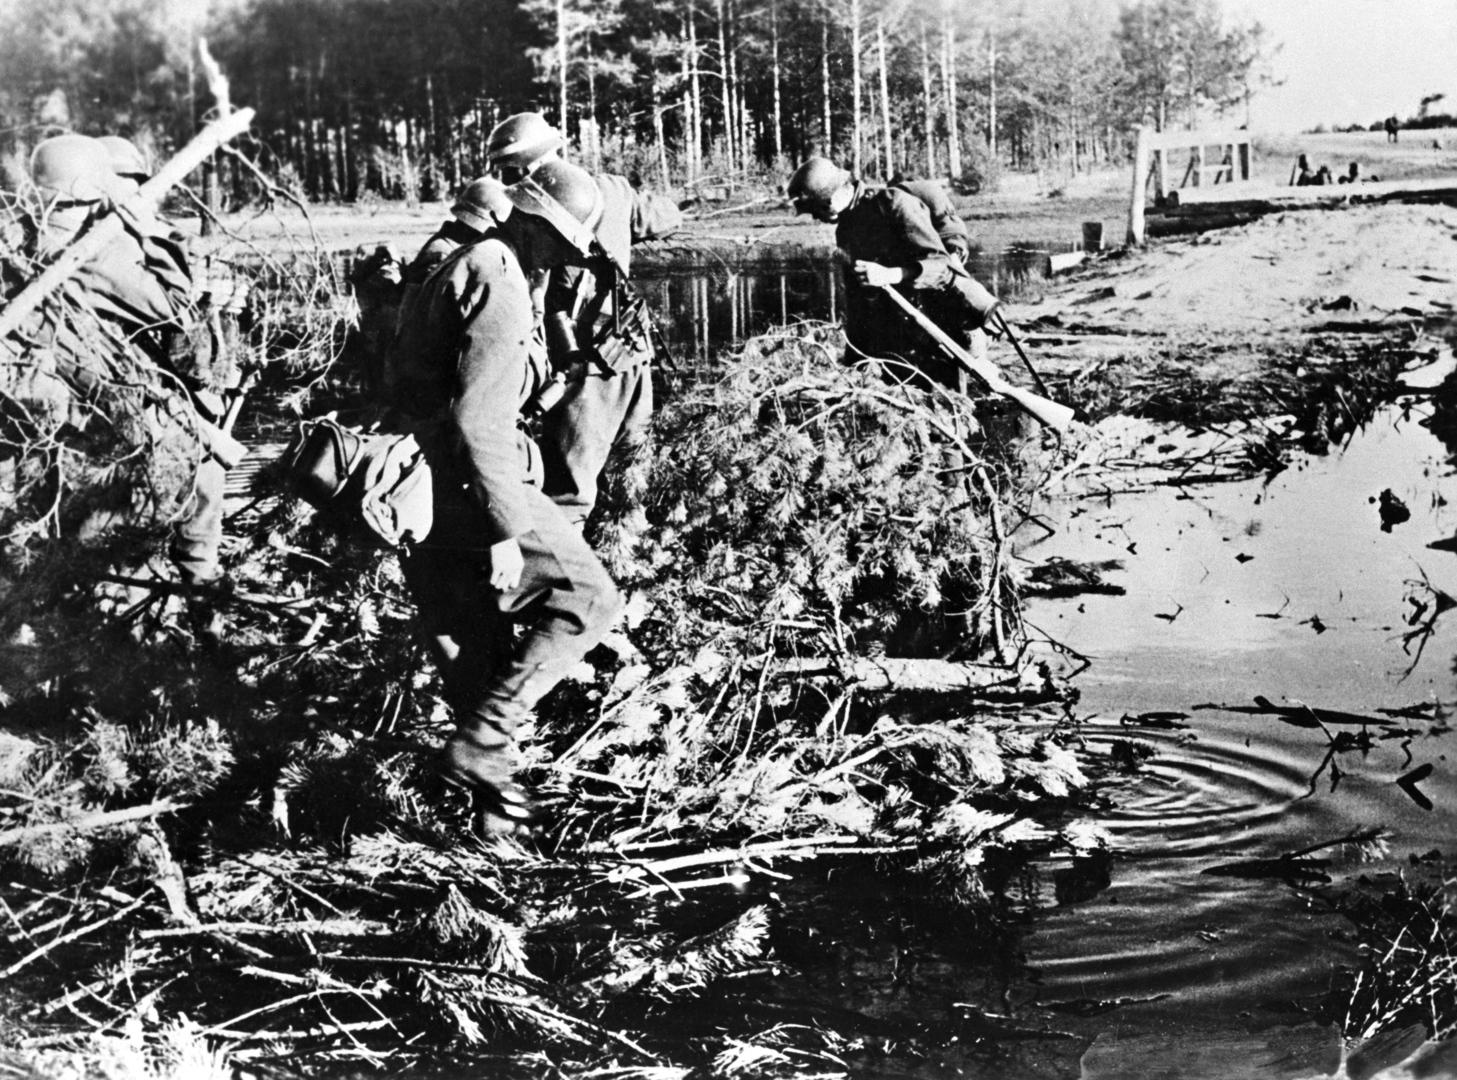 Szovjetunió, 1942. november A 2. magyar hadsereg alakulata szükséghidat épít. Az eredeti felvétel készítésének pontos dátuma és helyszíne ismeretlen. MTI Fotó: Reprodukció